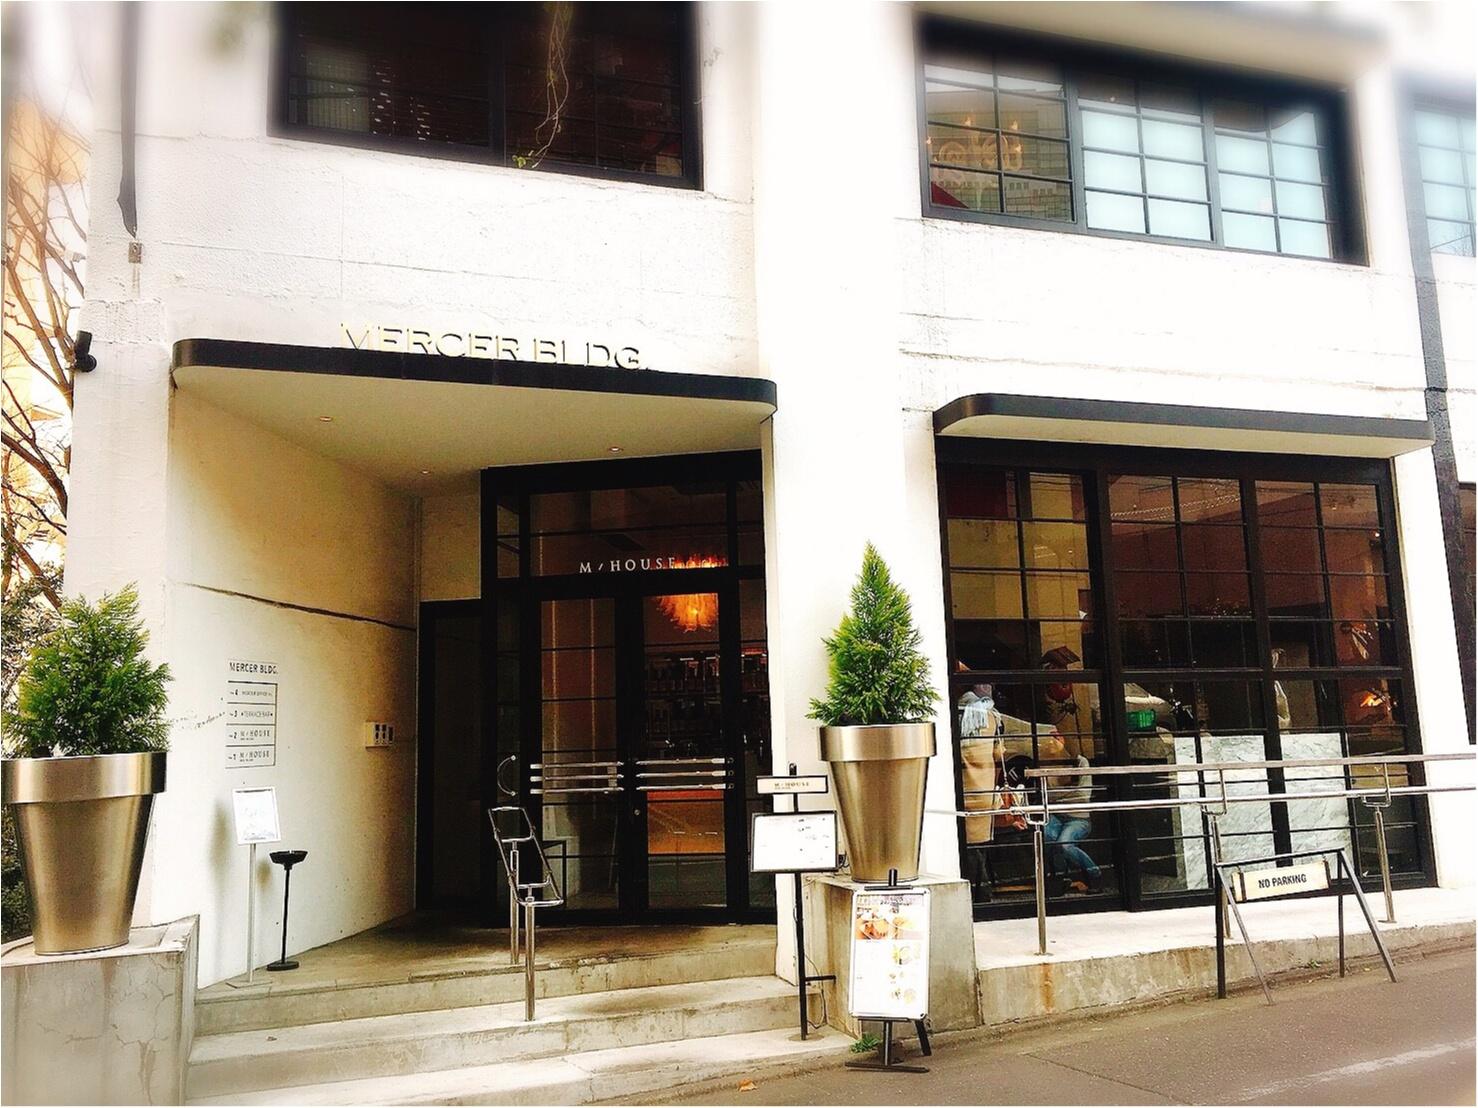 【モアハピ的三ツ星女子会スポット】焼きたてフレンチトーストが美味しい♡ブランチ専門店「M HOUSE」でアフターヌーンティー@東京・恵比寿_3_1